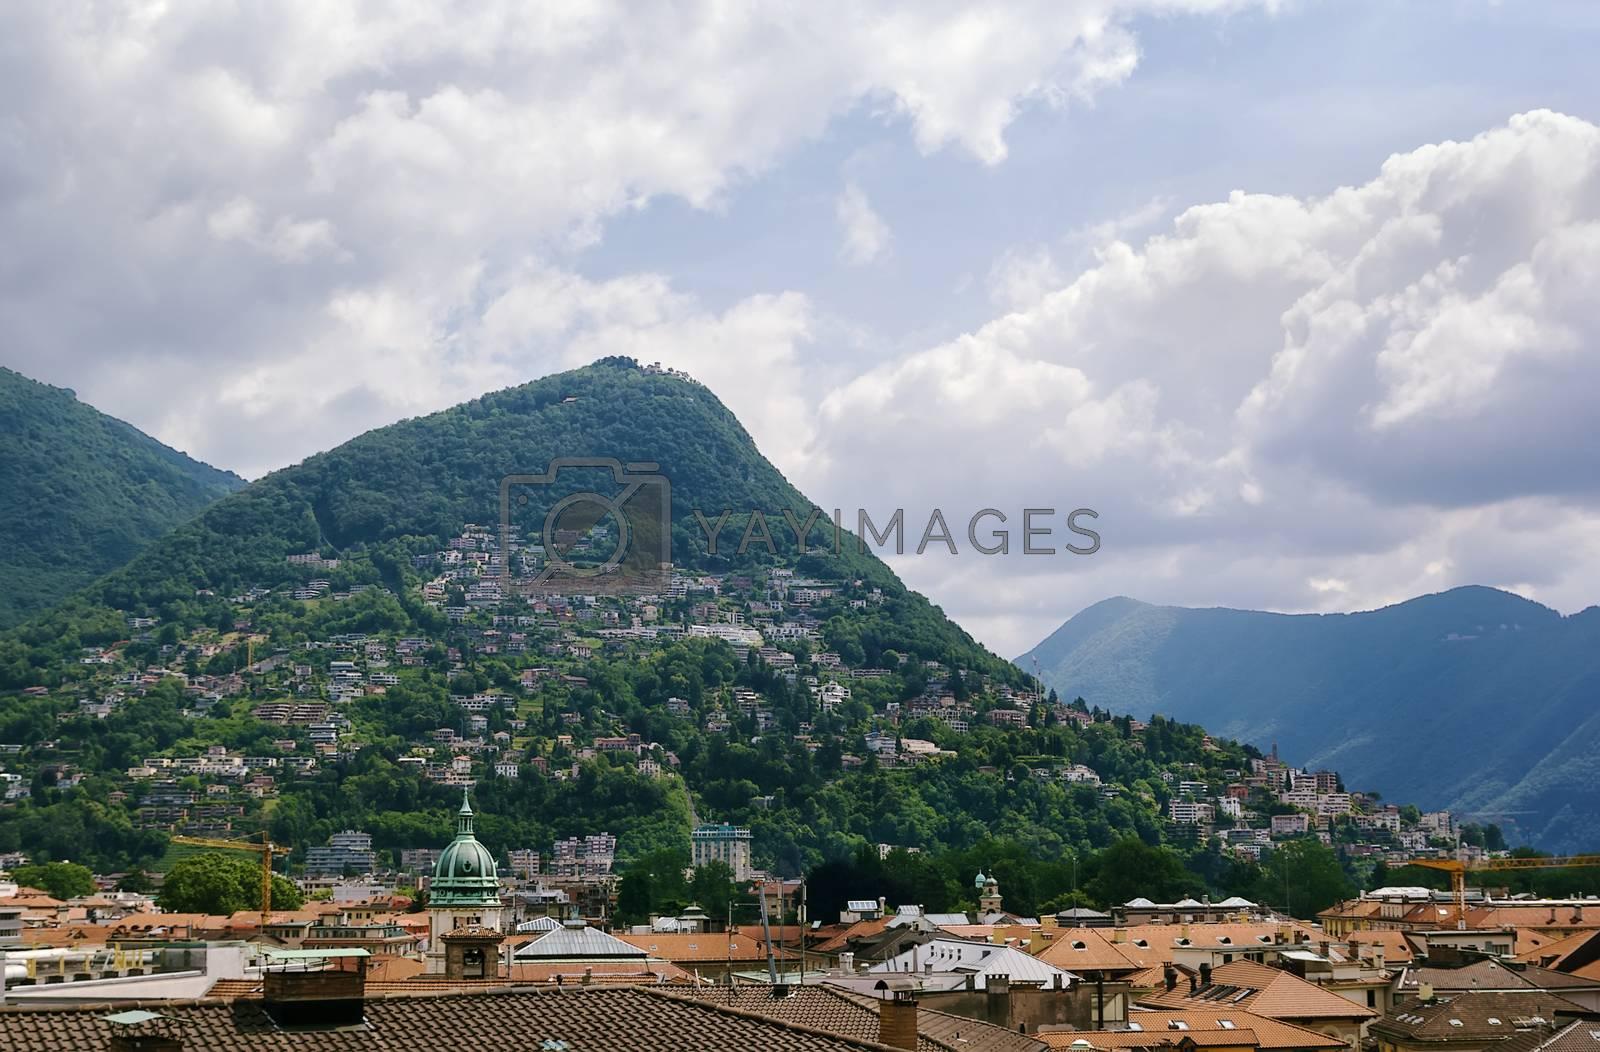 Monte Bre moutain, Lugano by borisb17